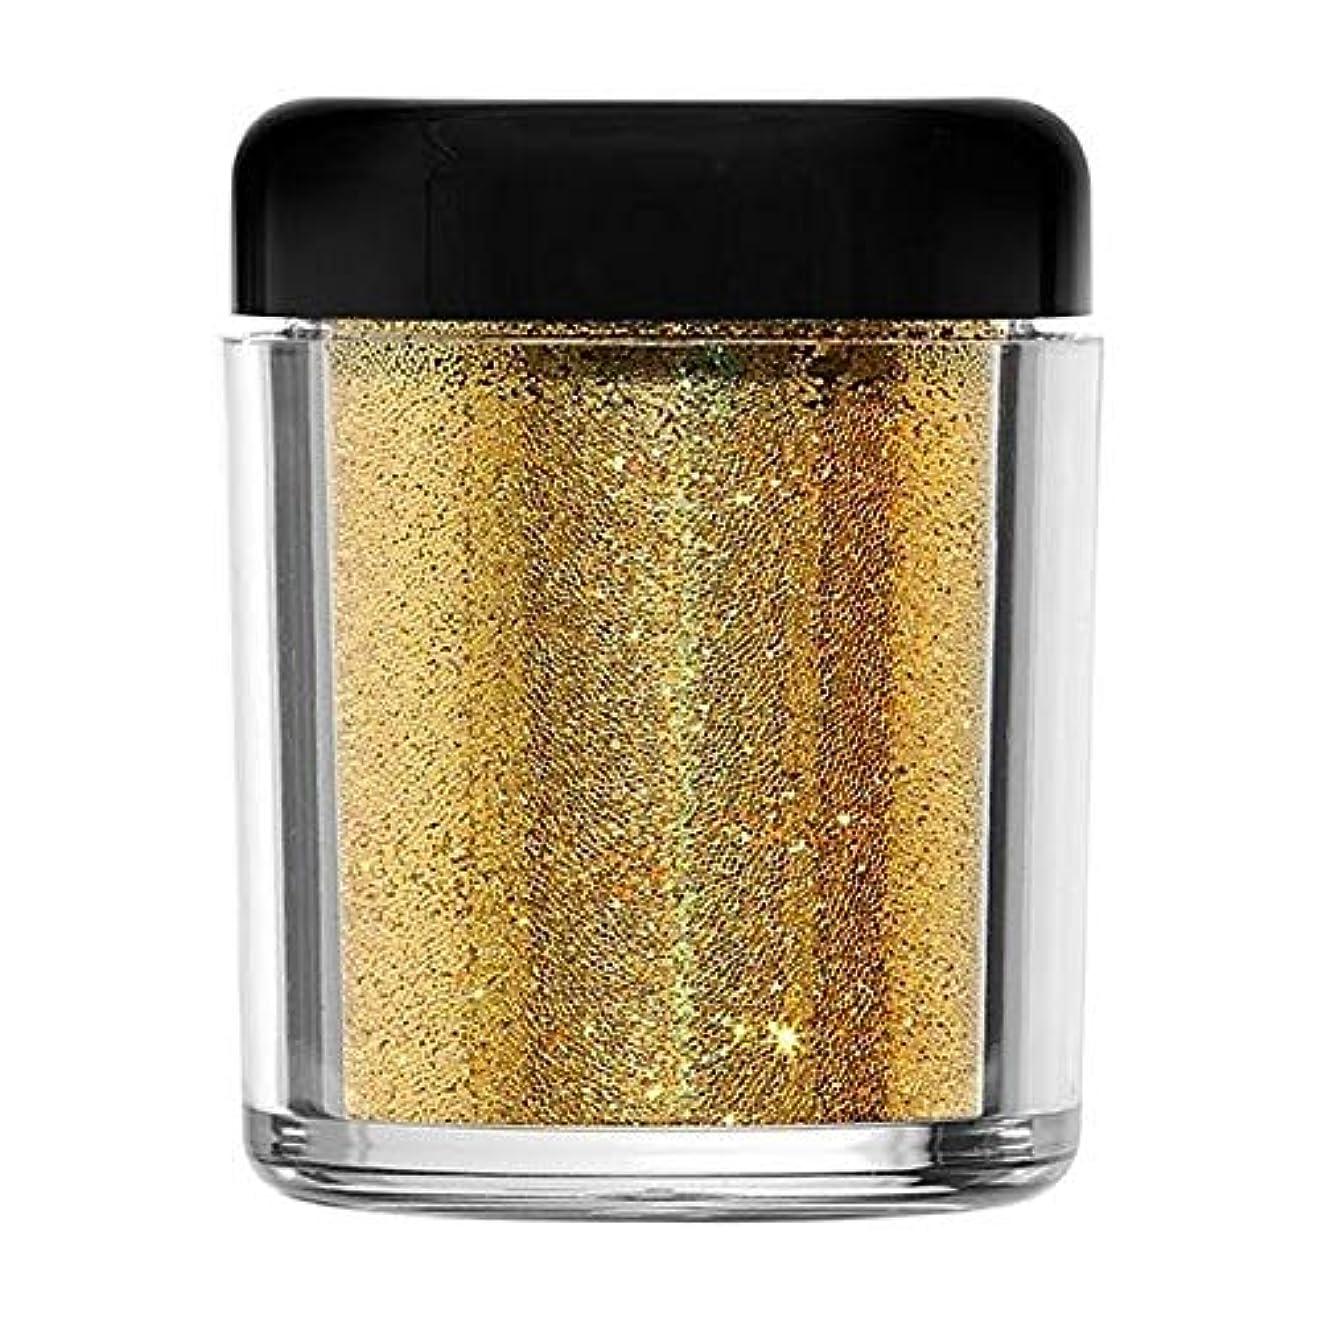 群集退化する押す[Barry M ] バリーメートルのグリッターラッシュボディの輝き - 火の玉 - Barry M Glitter Rush Body Glitter - Fireball [並行輸入品]